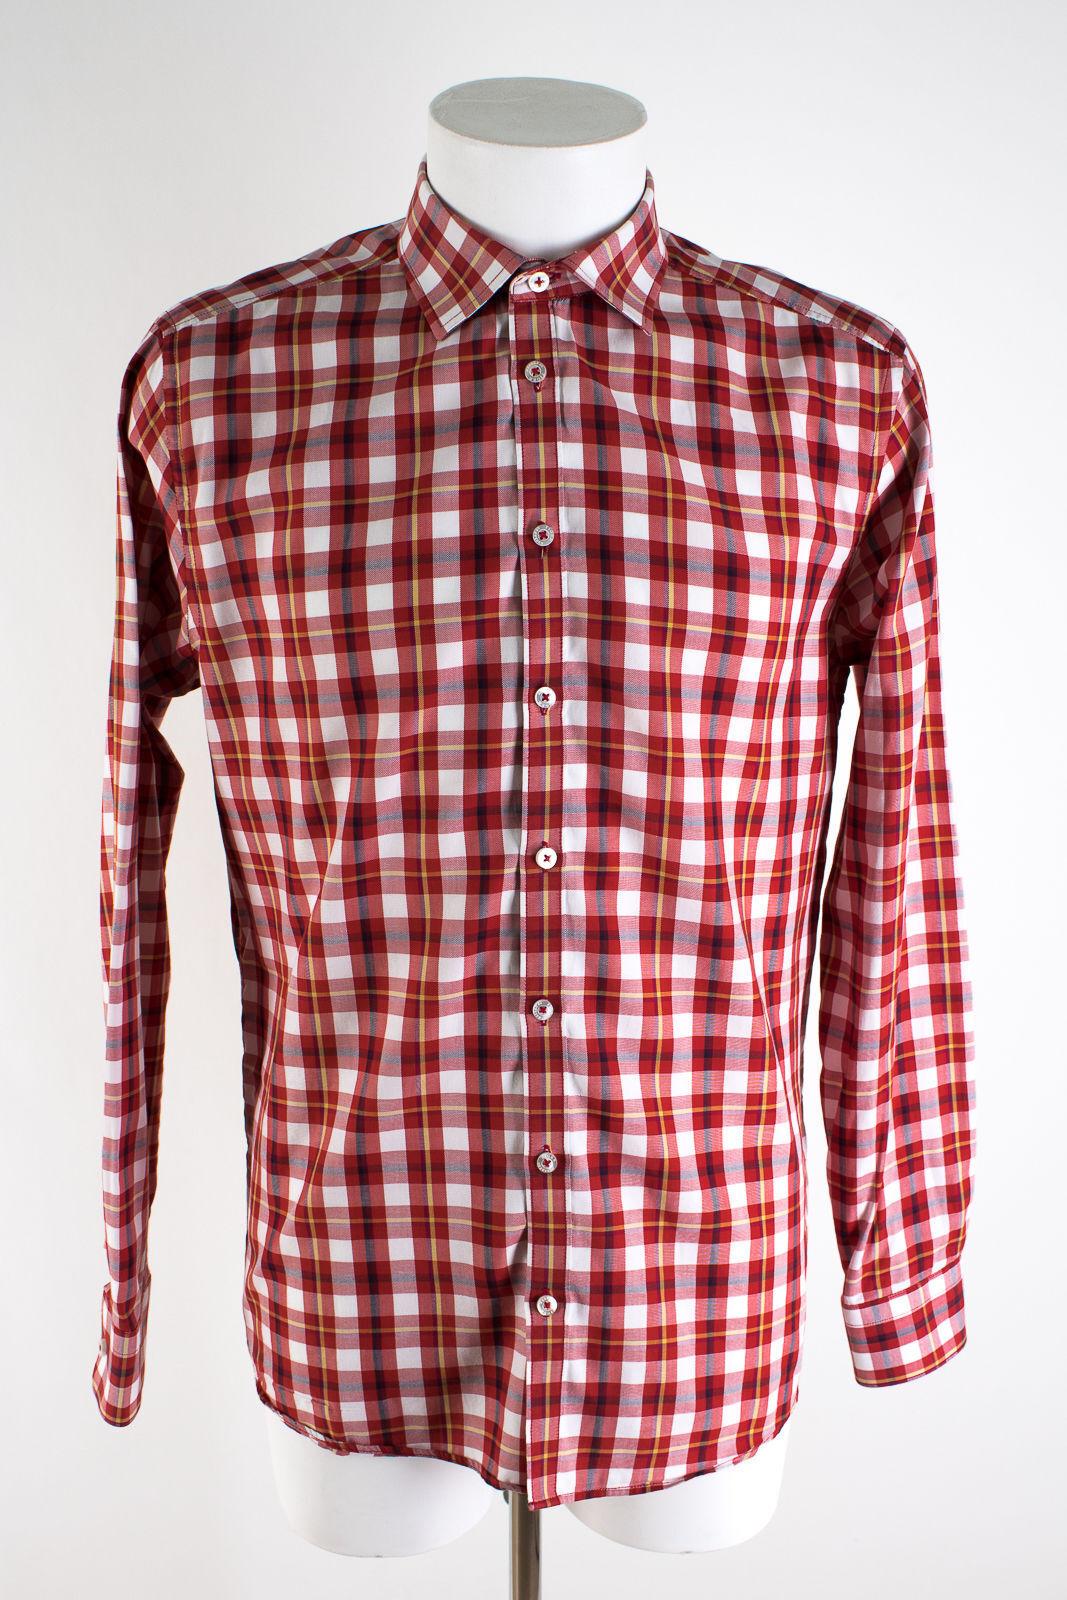 TIGER OF SWEDEN Hemd NEU Gr. 41 Slim Fit Baumwolle Freizeit Hemd Shirt Kariert